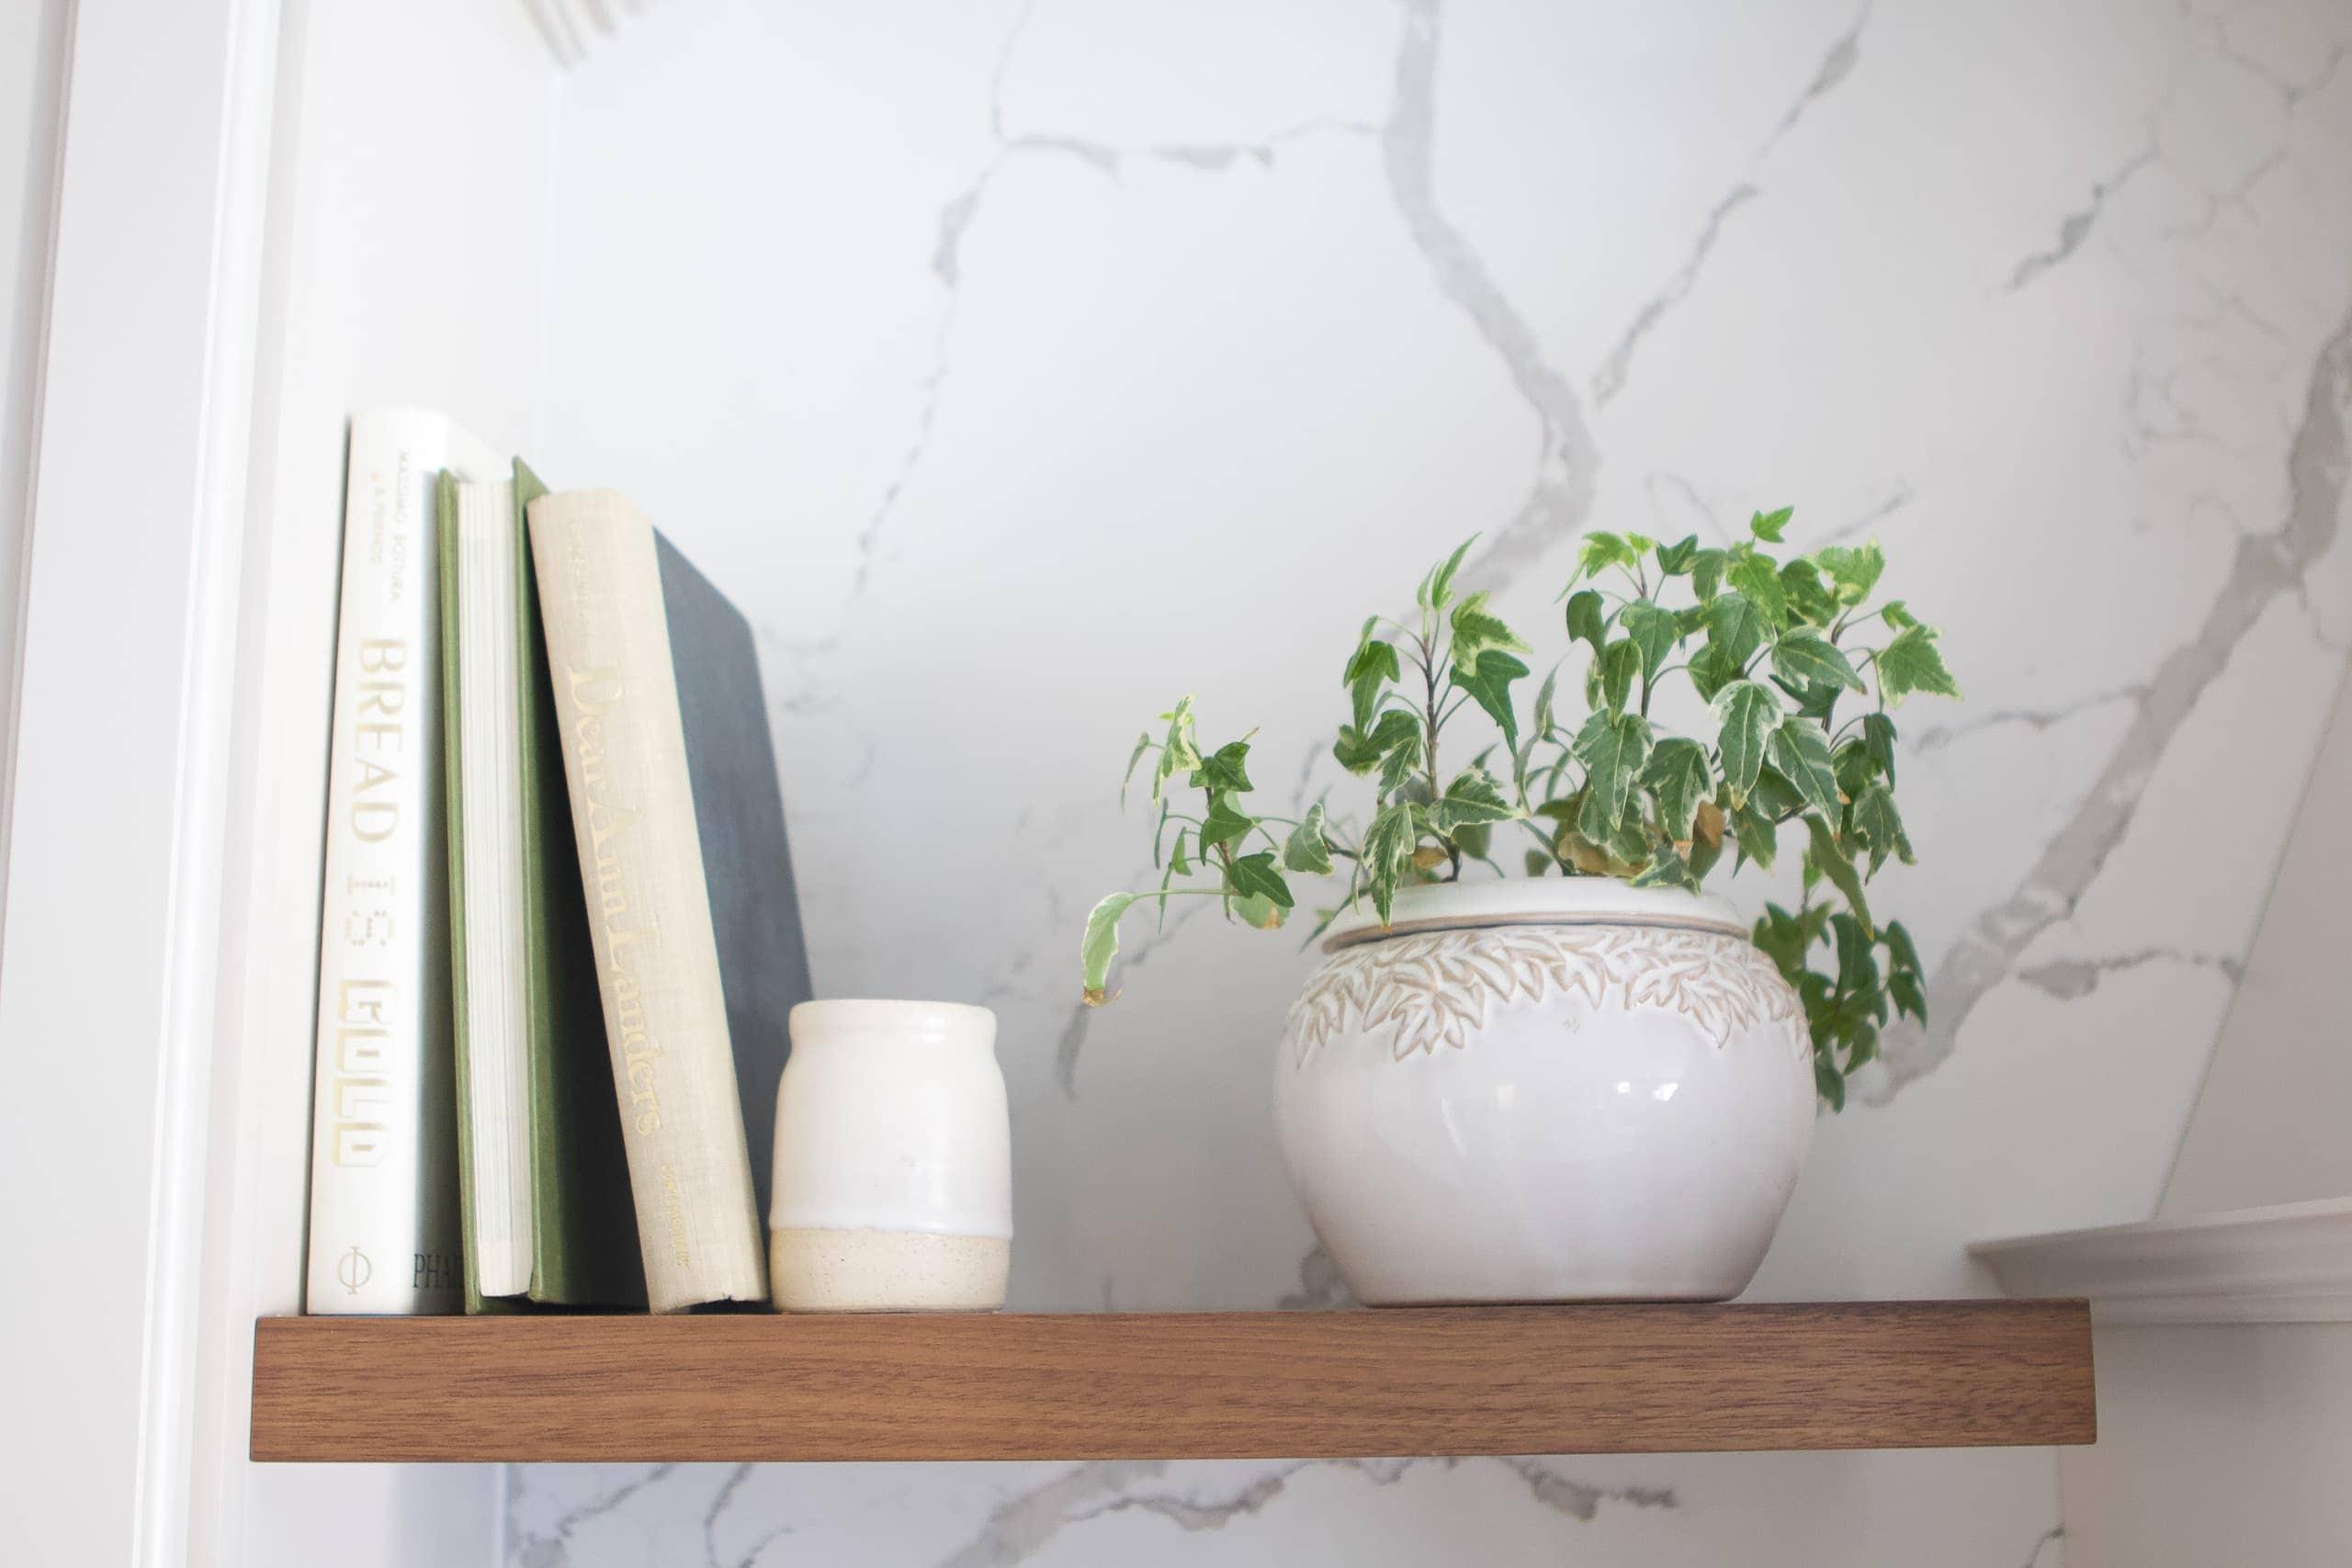 Adding kitchen decor to shelves